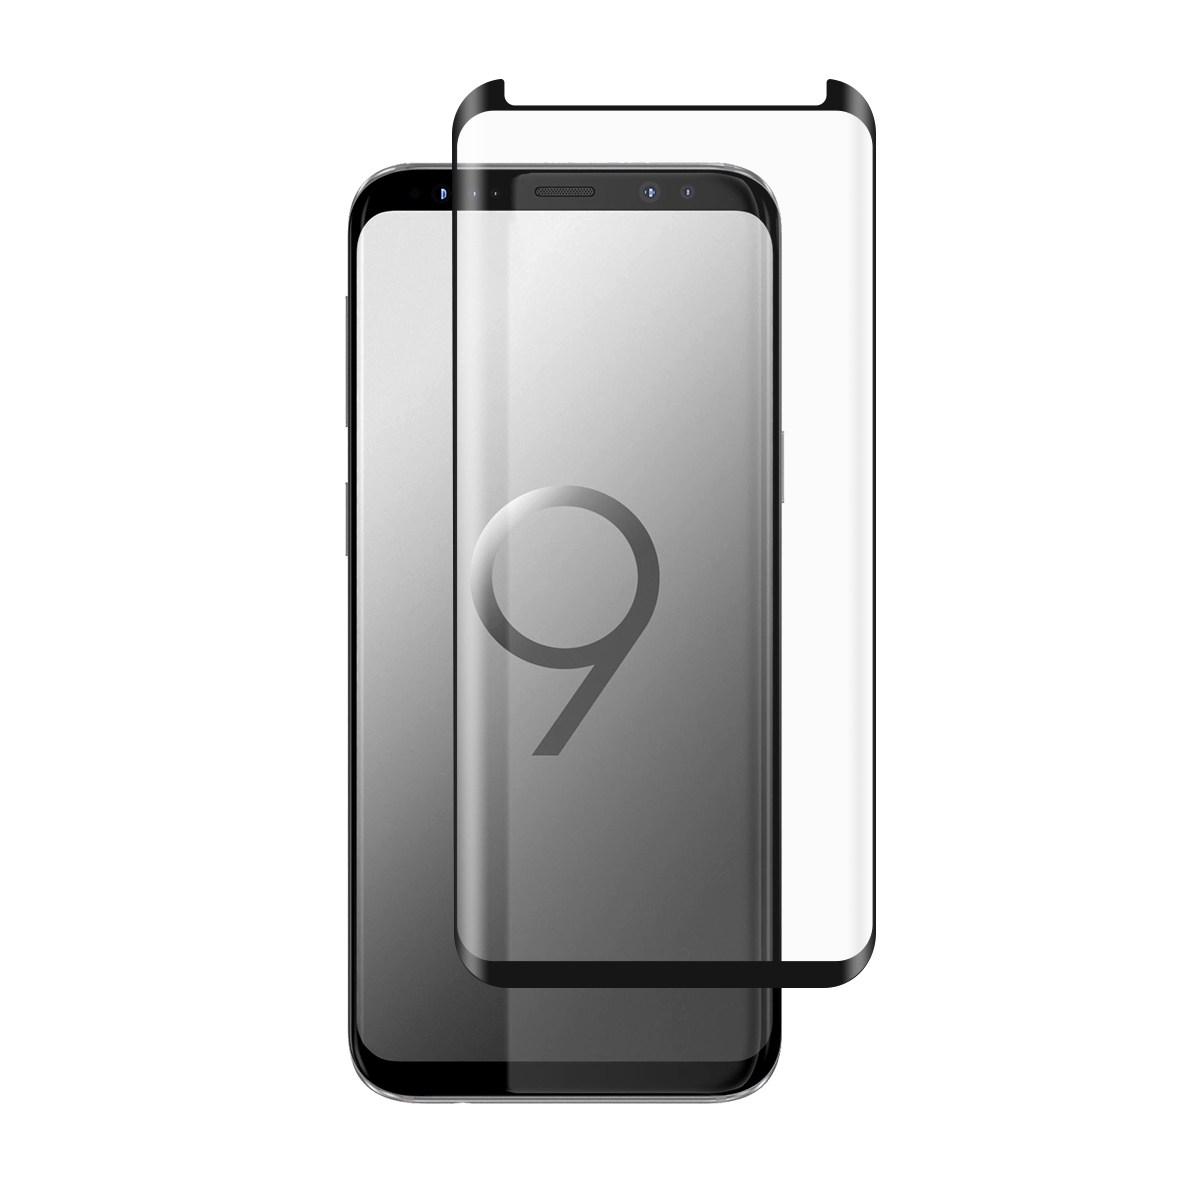 <b><mark><i>NAUJIENA!</i></b></mark> Apsauginis grūdintas stiklas Samsung S9 (3D, lipnūs kraštai)